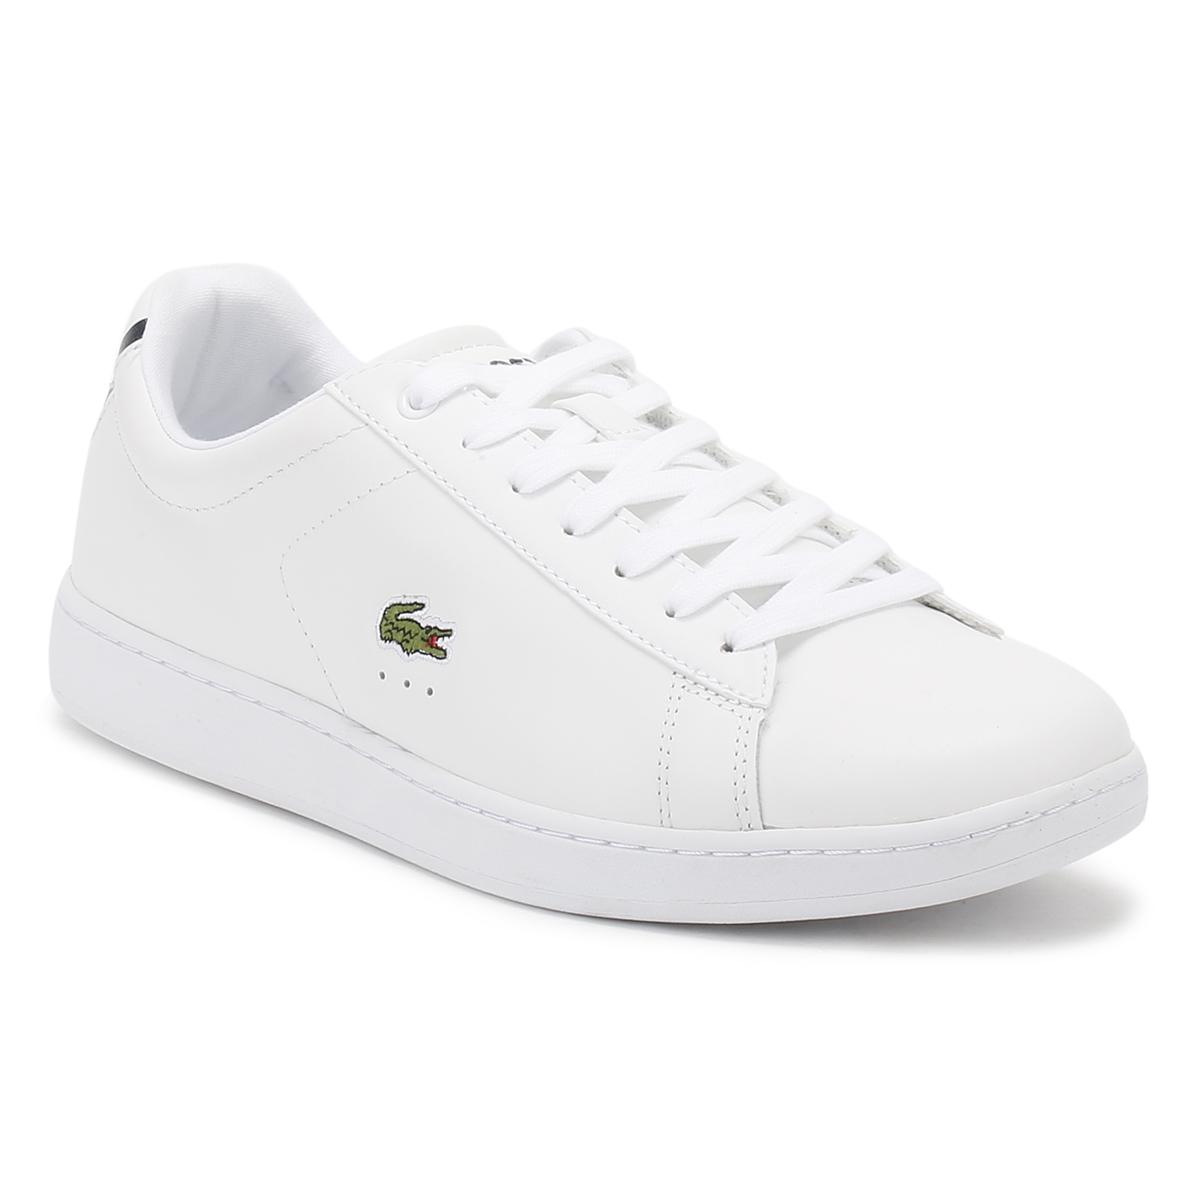 Lacoste sneakers women